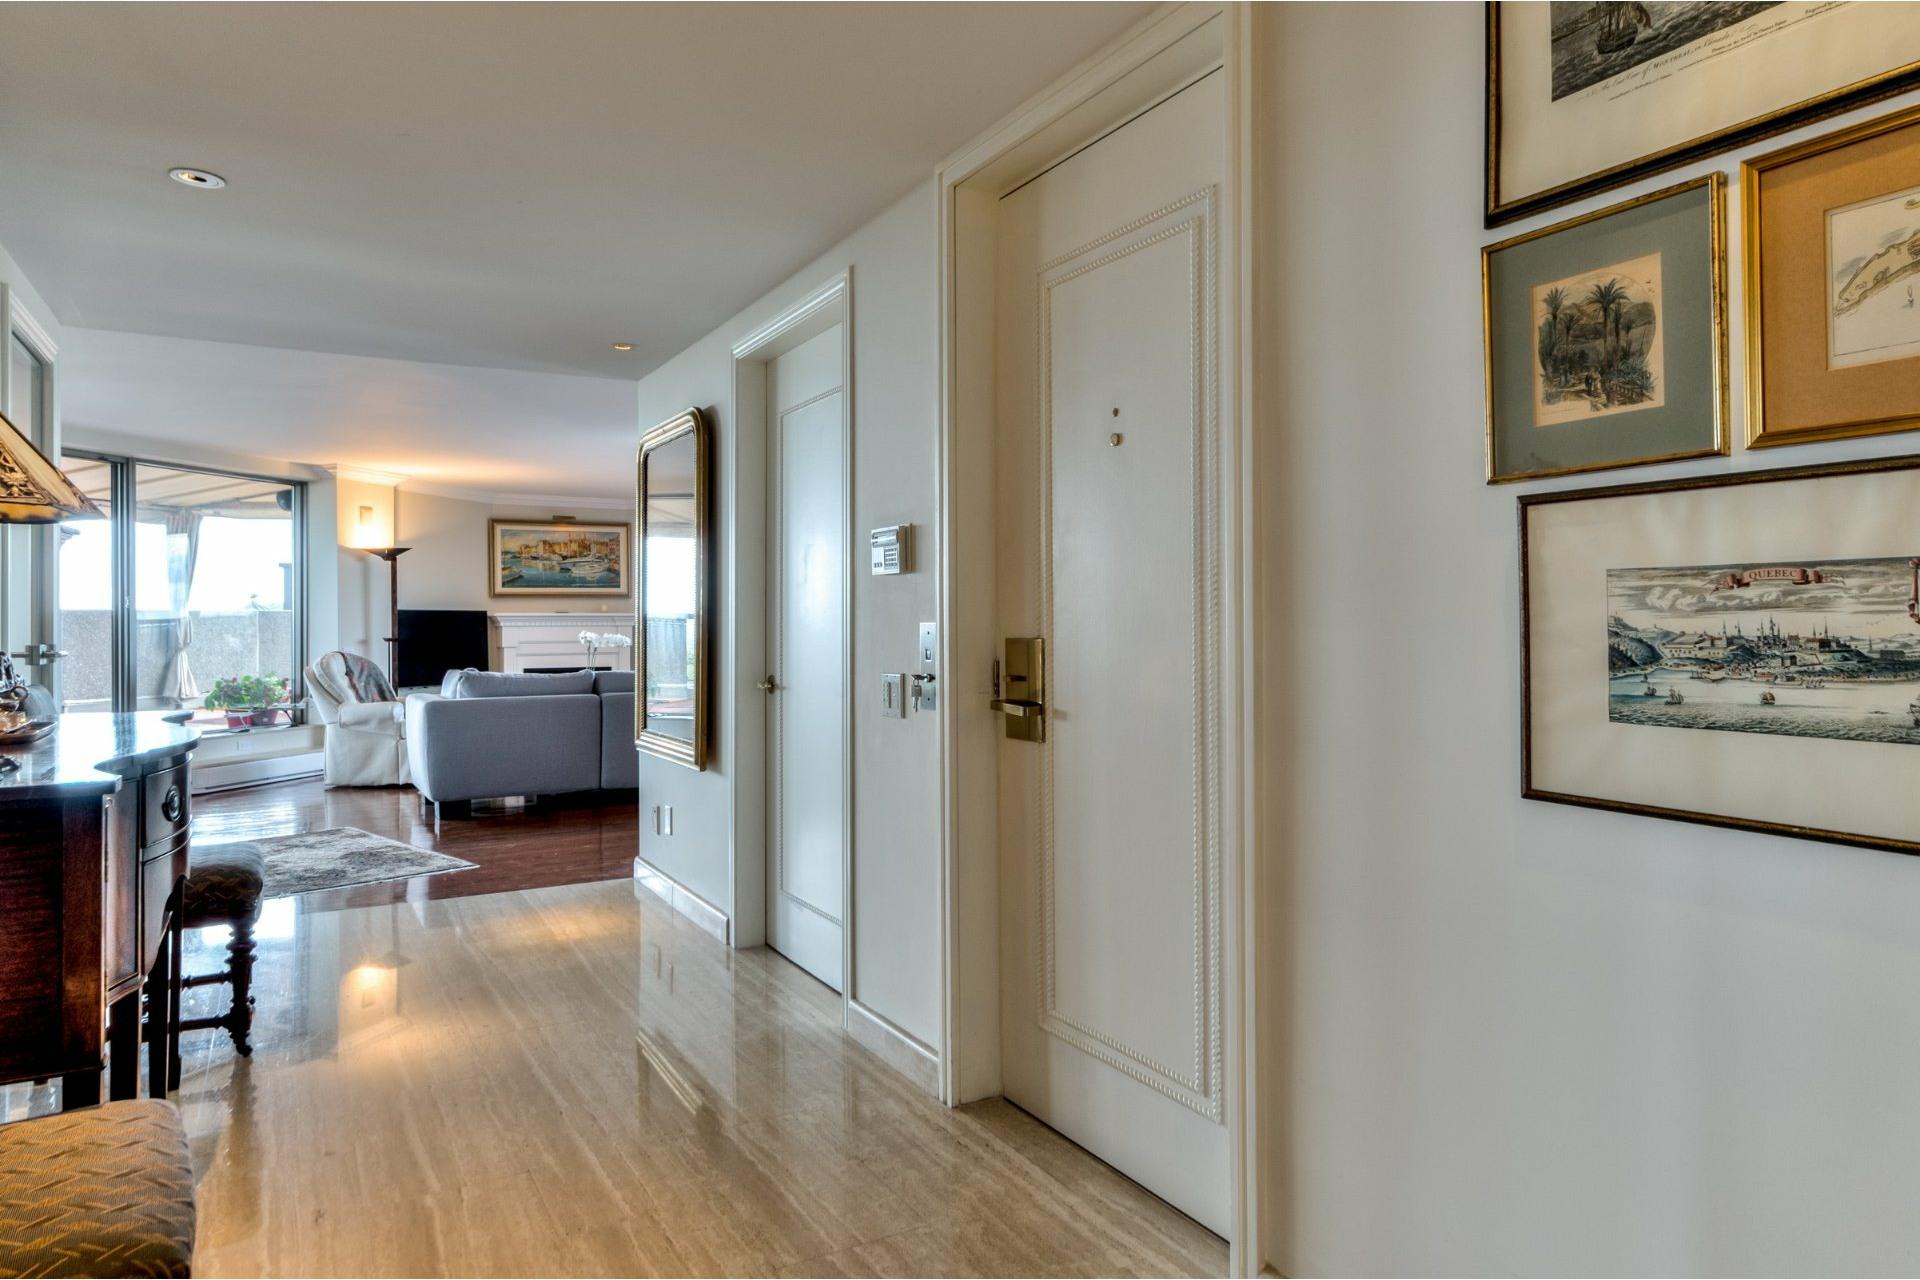 image 33 - Apartment For sale Côte-des-Neiges/Notre-Dame-de-Grâce Montréal  - 12 rooms